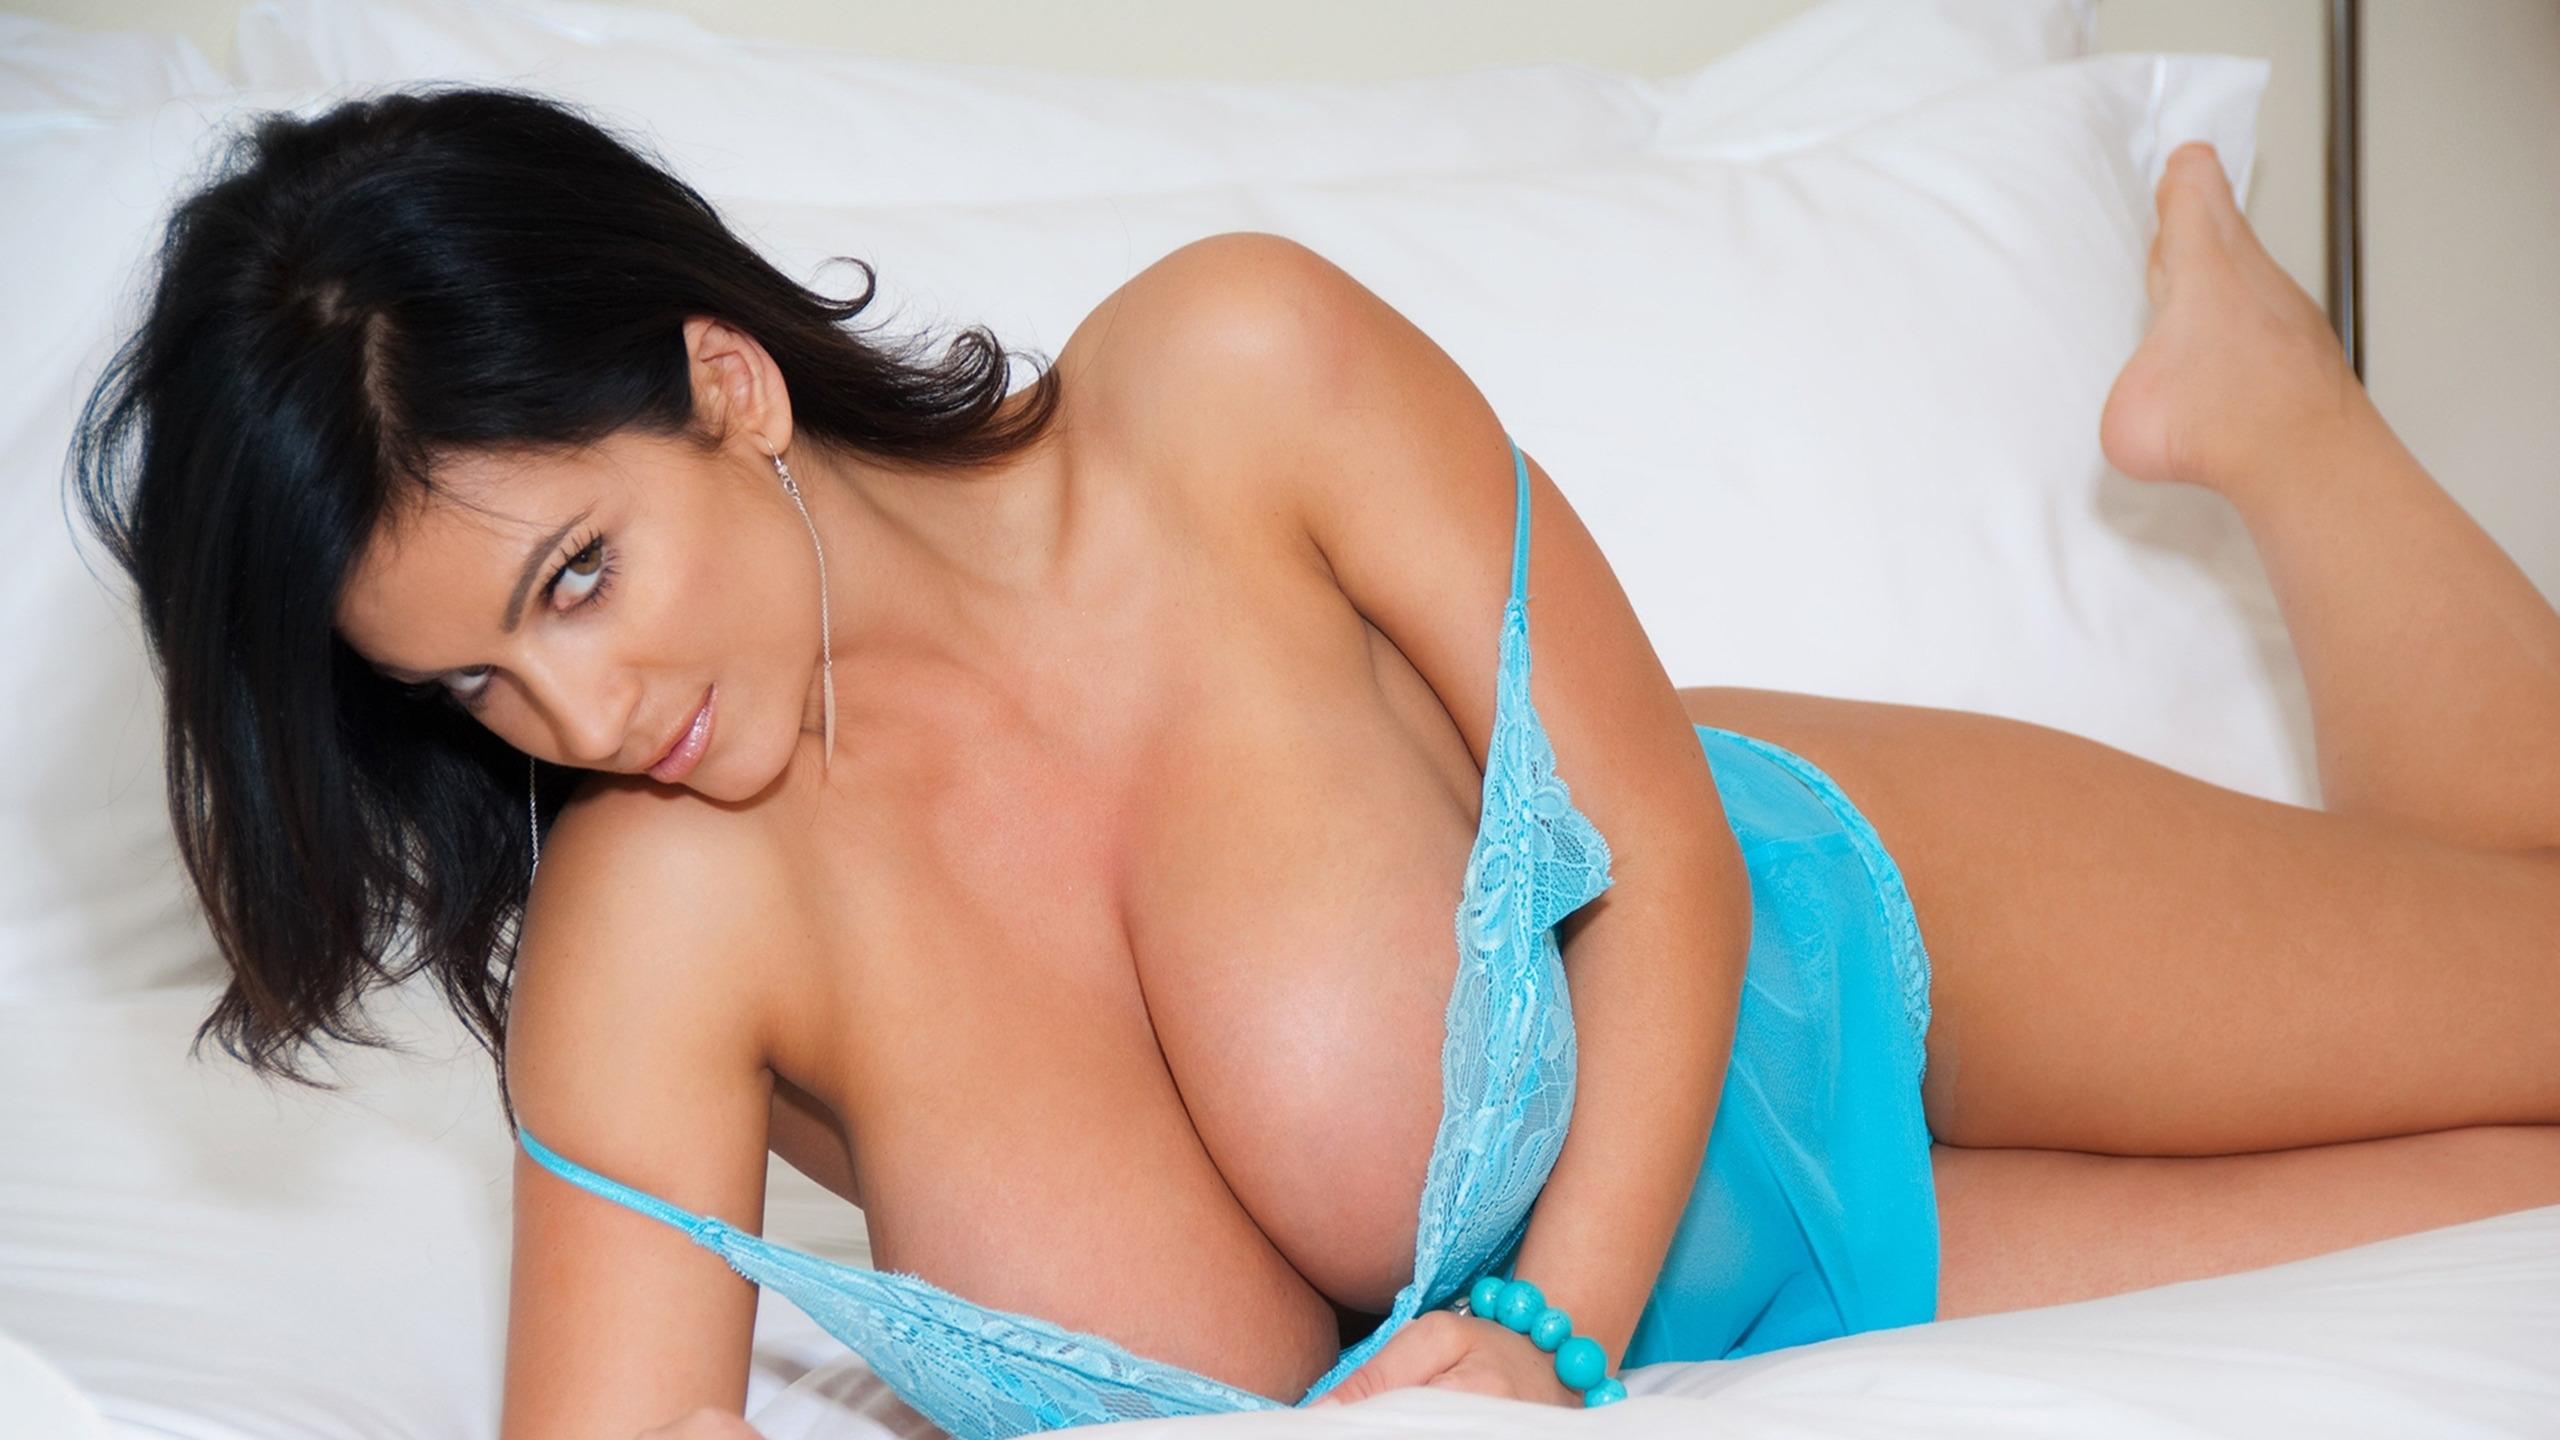 Смотреть порно онлайн полнометражные порно фильмы для